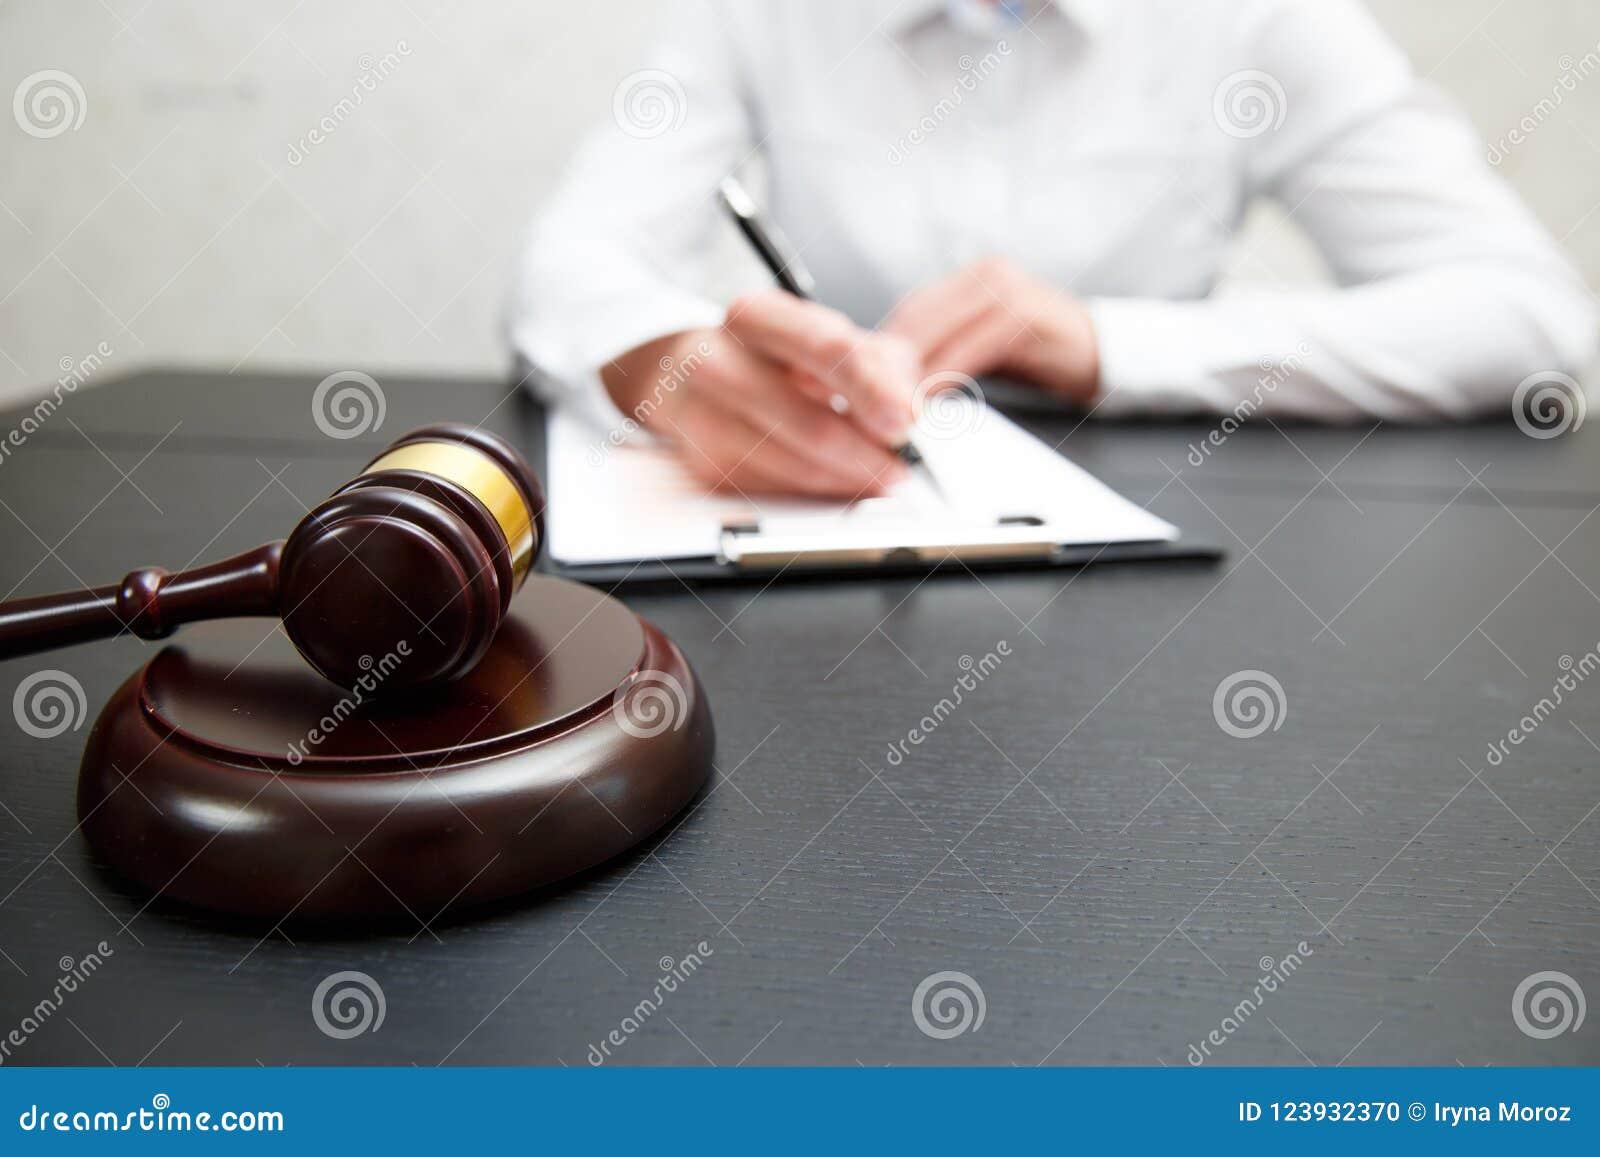 Giudichi gli avvocati del martelletto giustamente che hanno riunione del gruppo allo studio legale